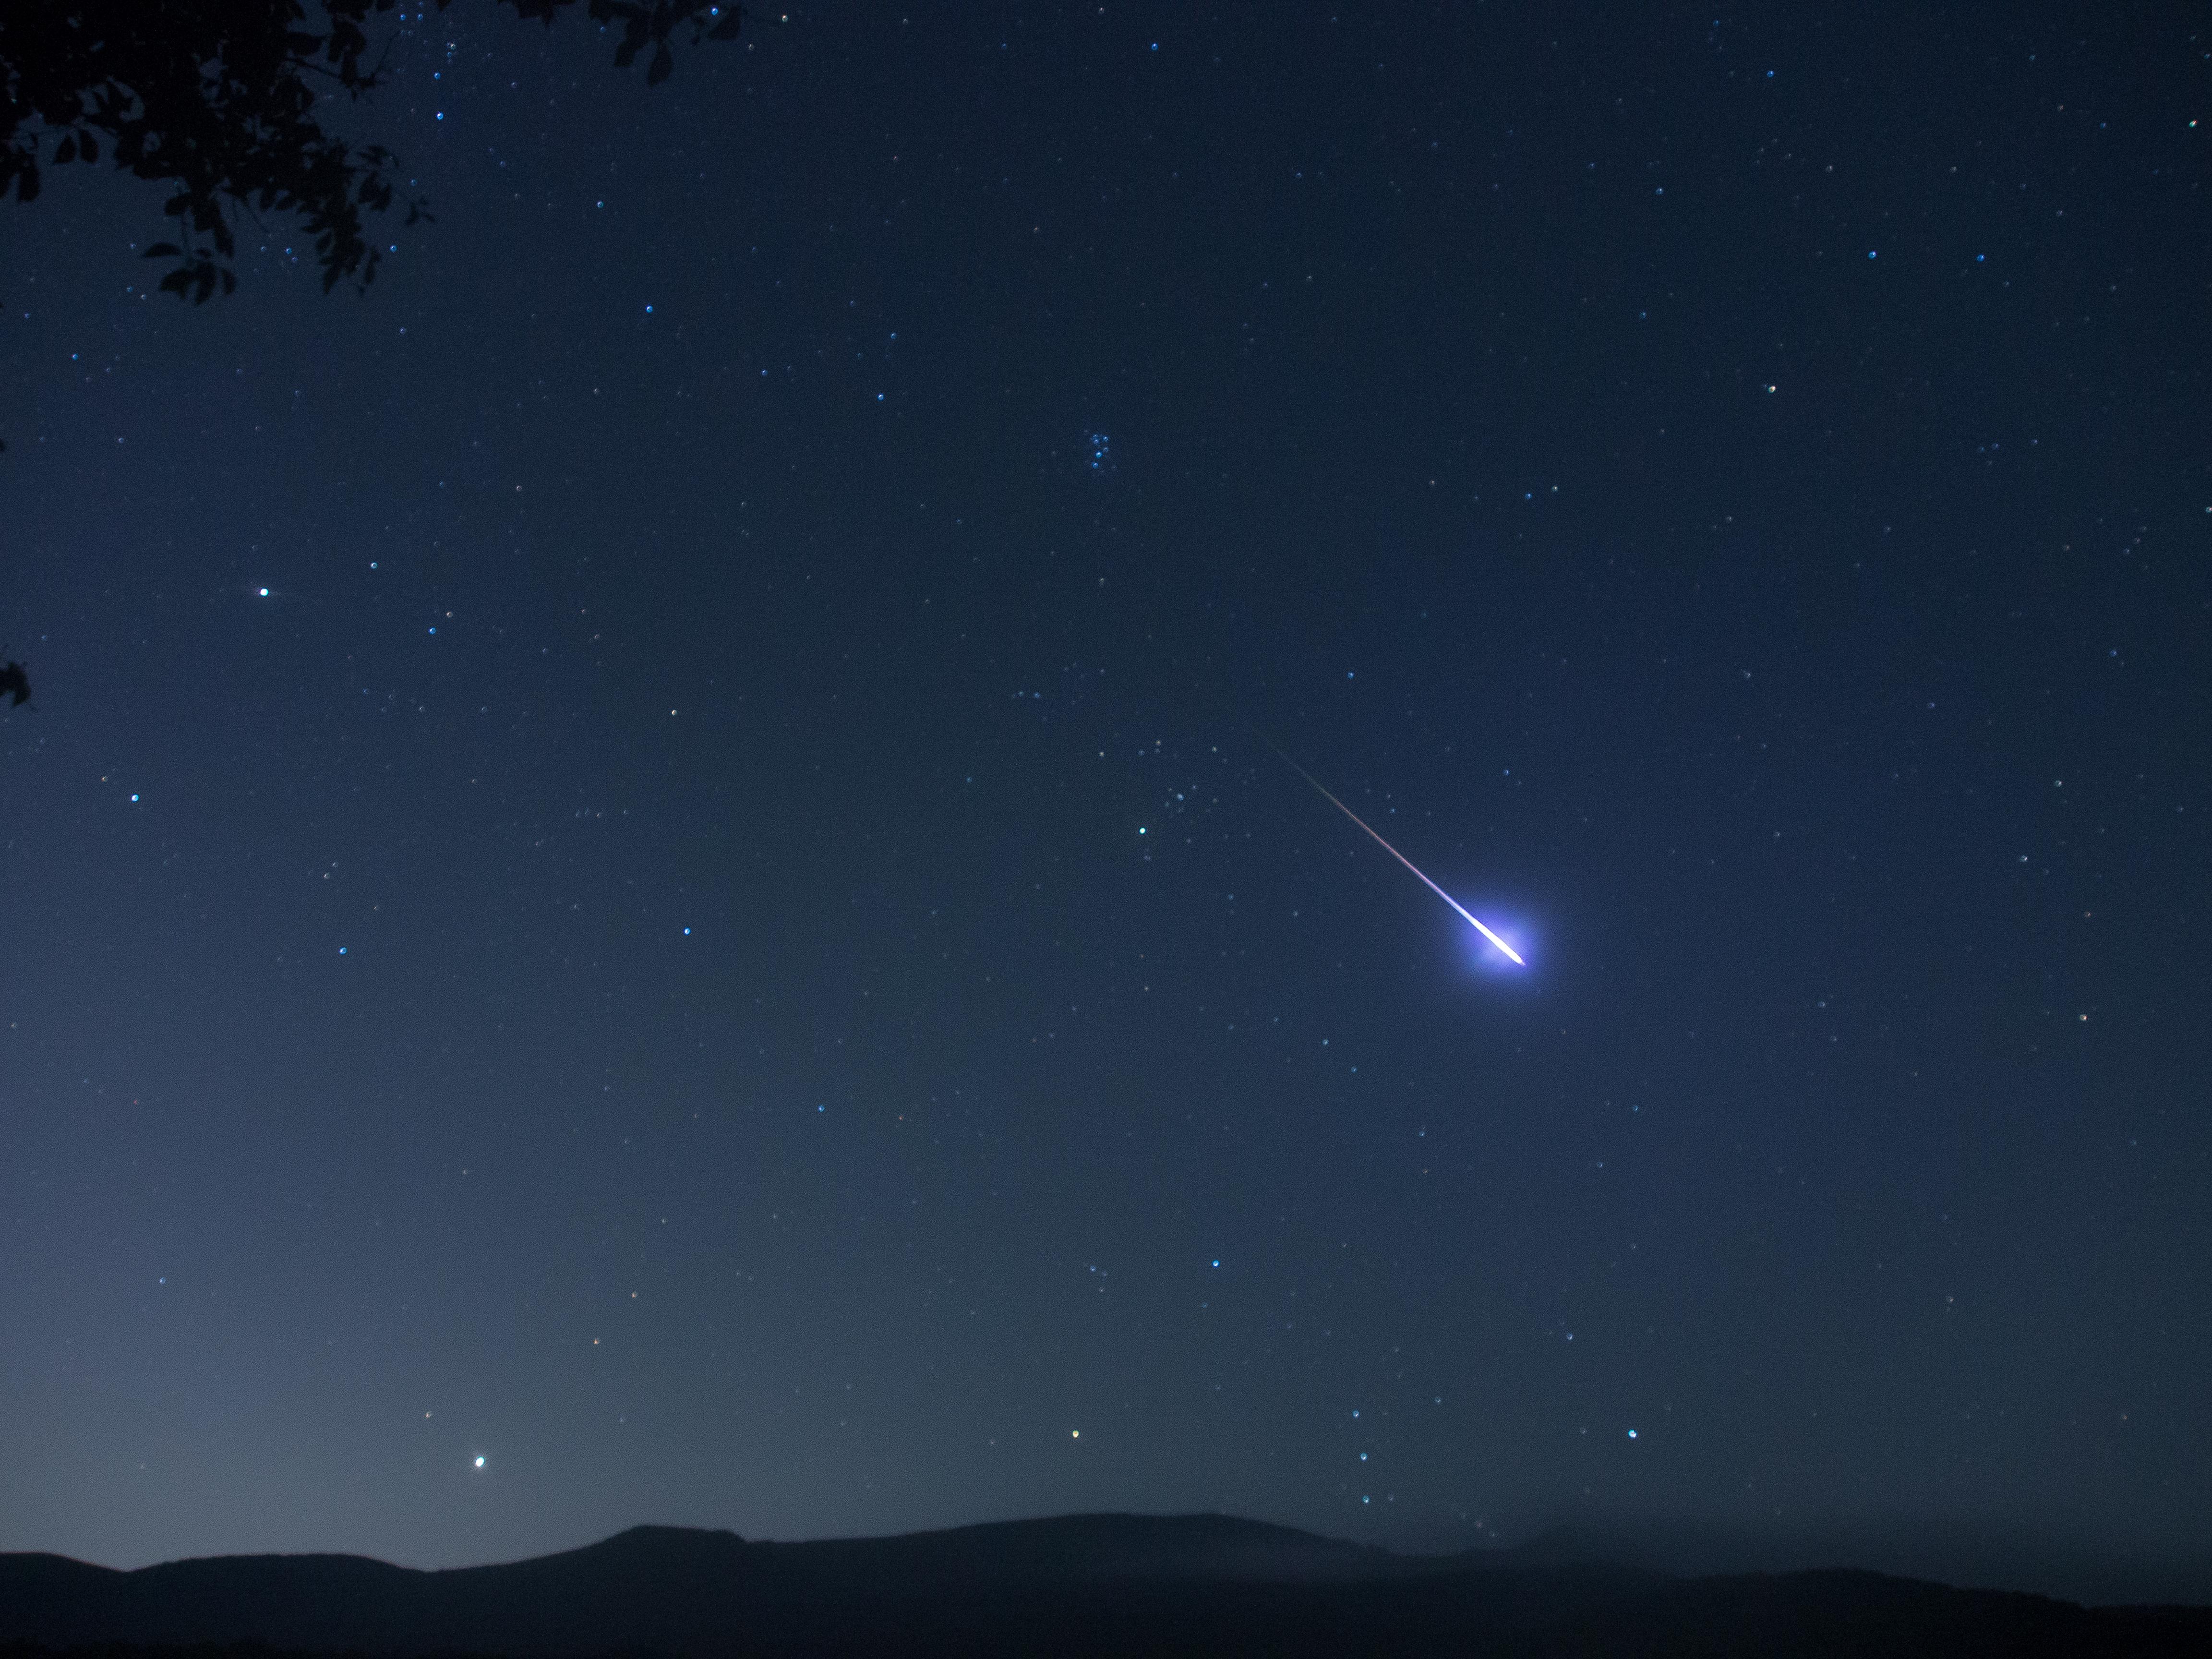 Meteor Showers - Perseid Meteor